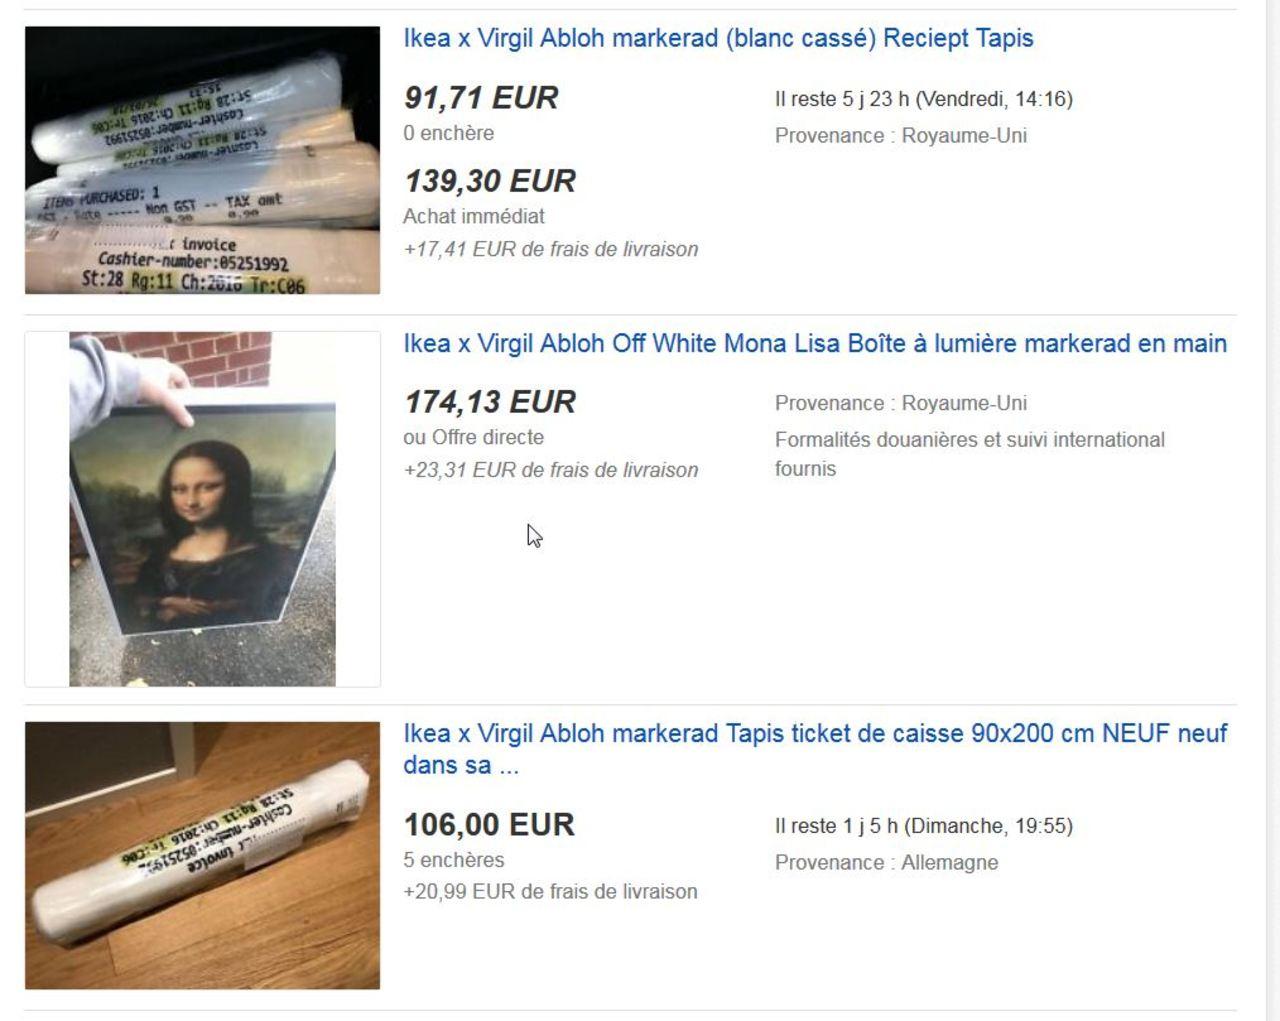 Virgil Abloh X Ikea devoirs Boîte à outils Boîte à outils accessoire neuf blanc cassé Supreme détenu